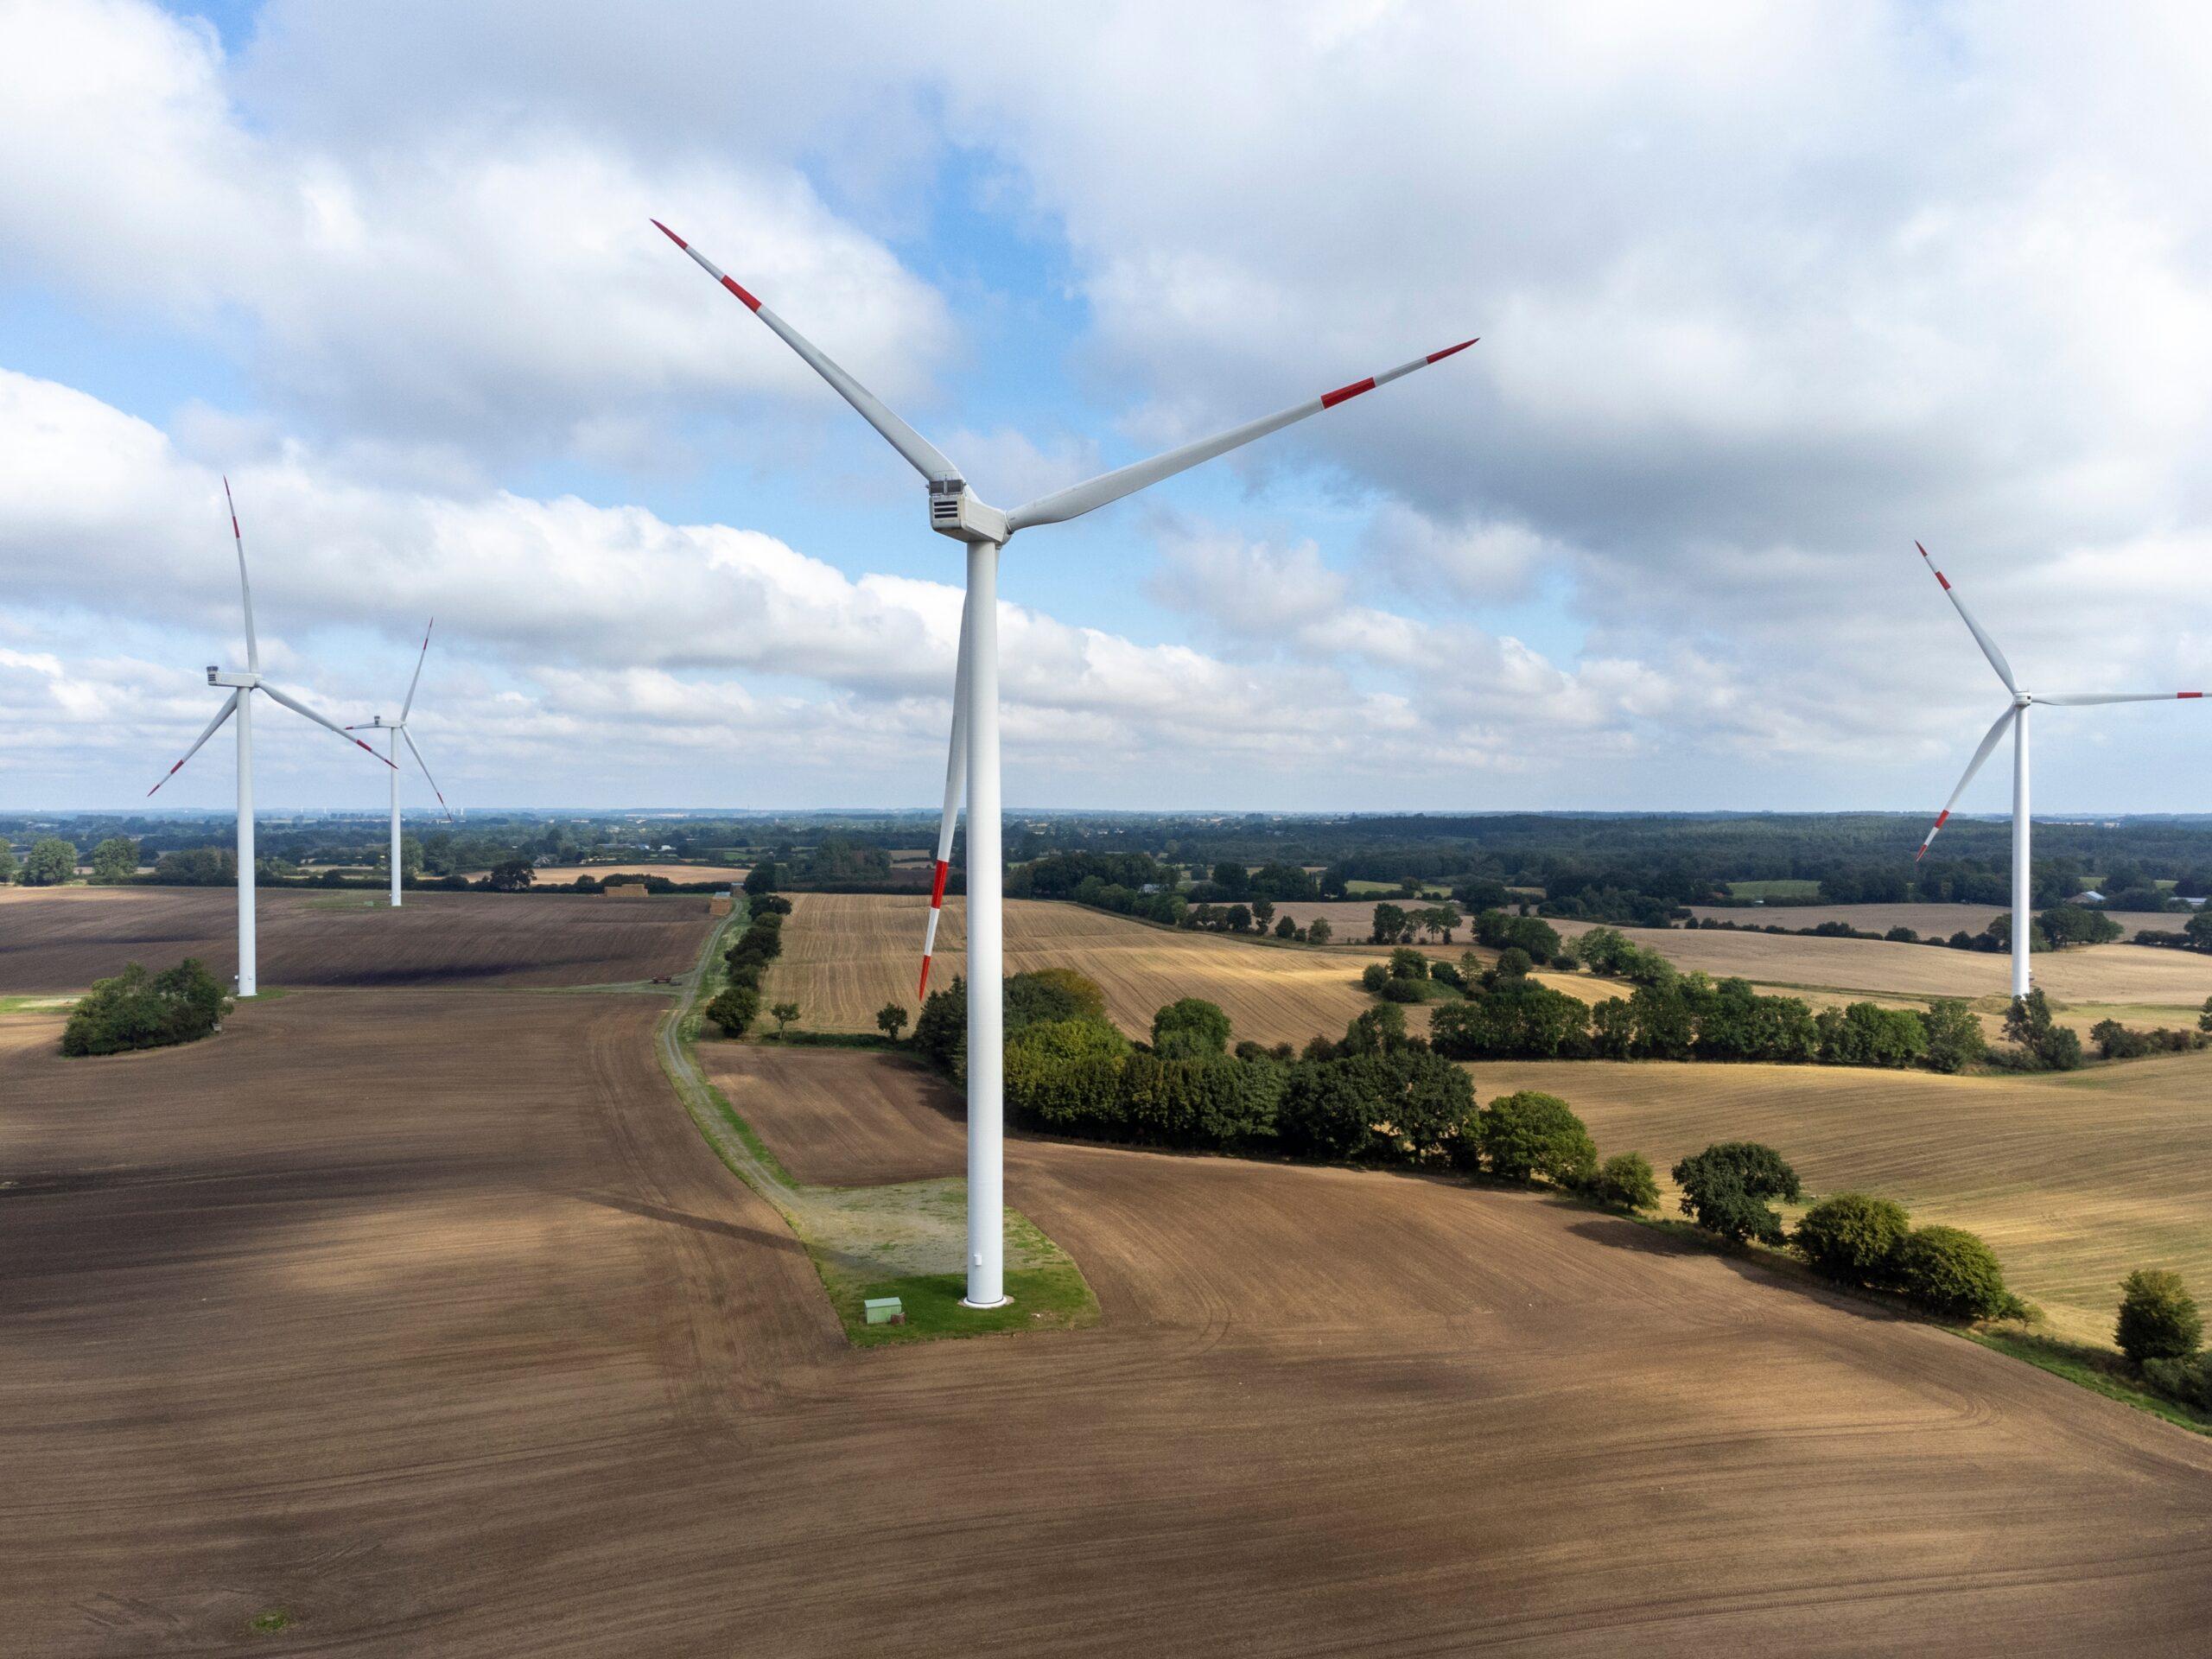 В Самарской области дан старт строительству ветроэнергетического кластера